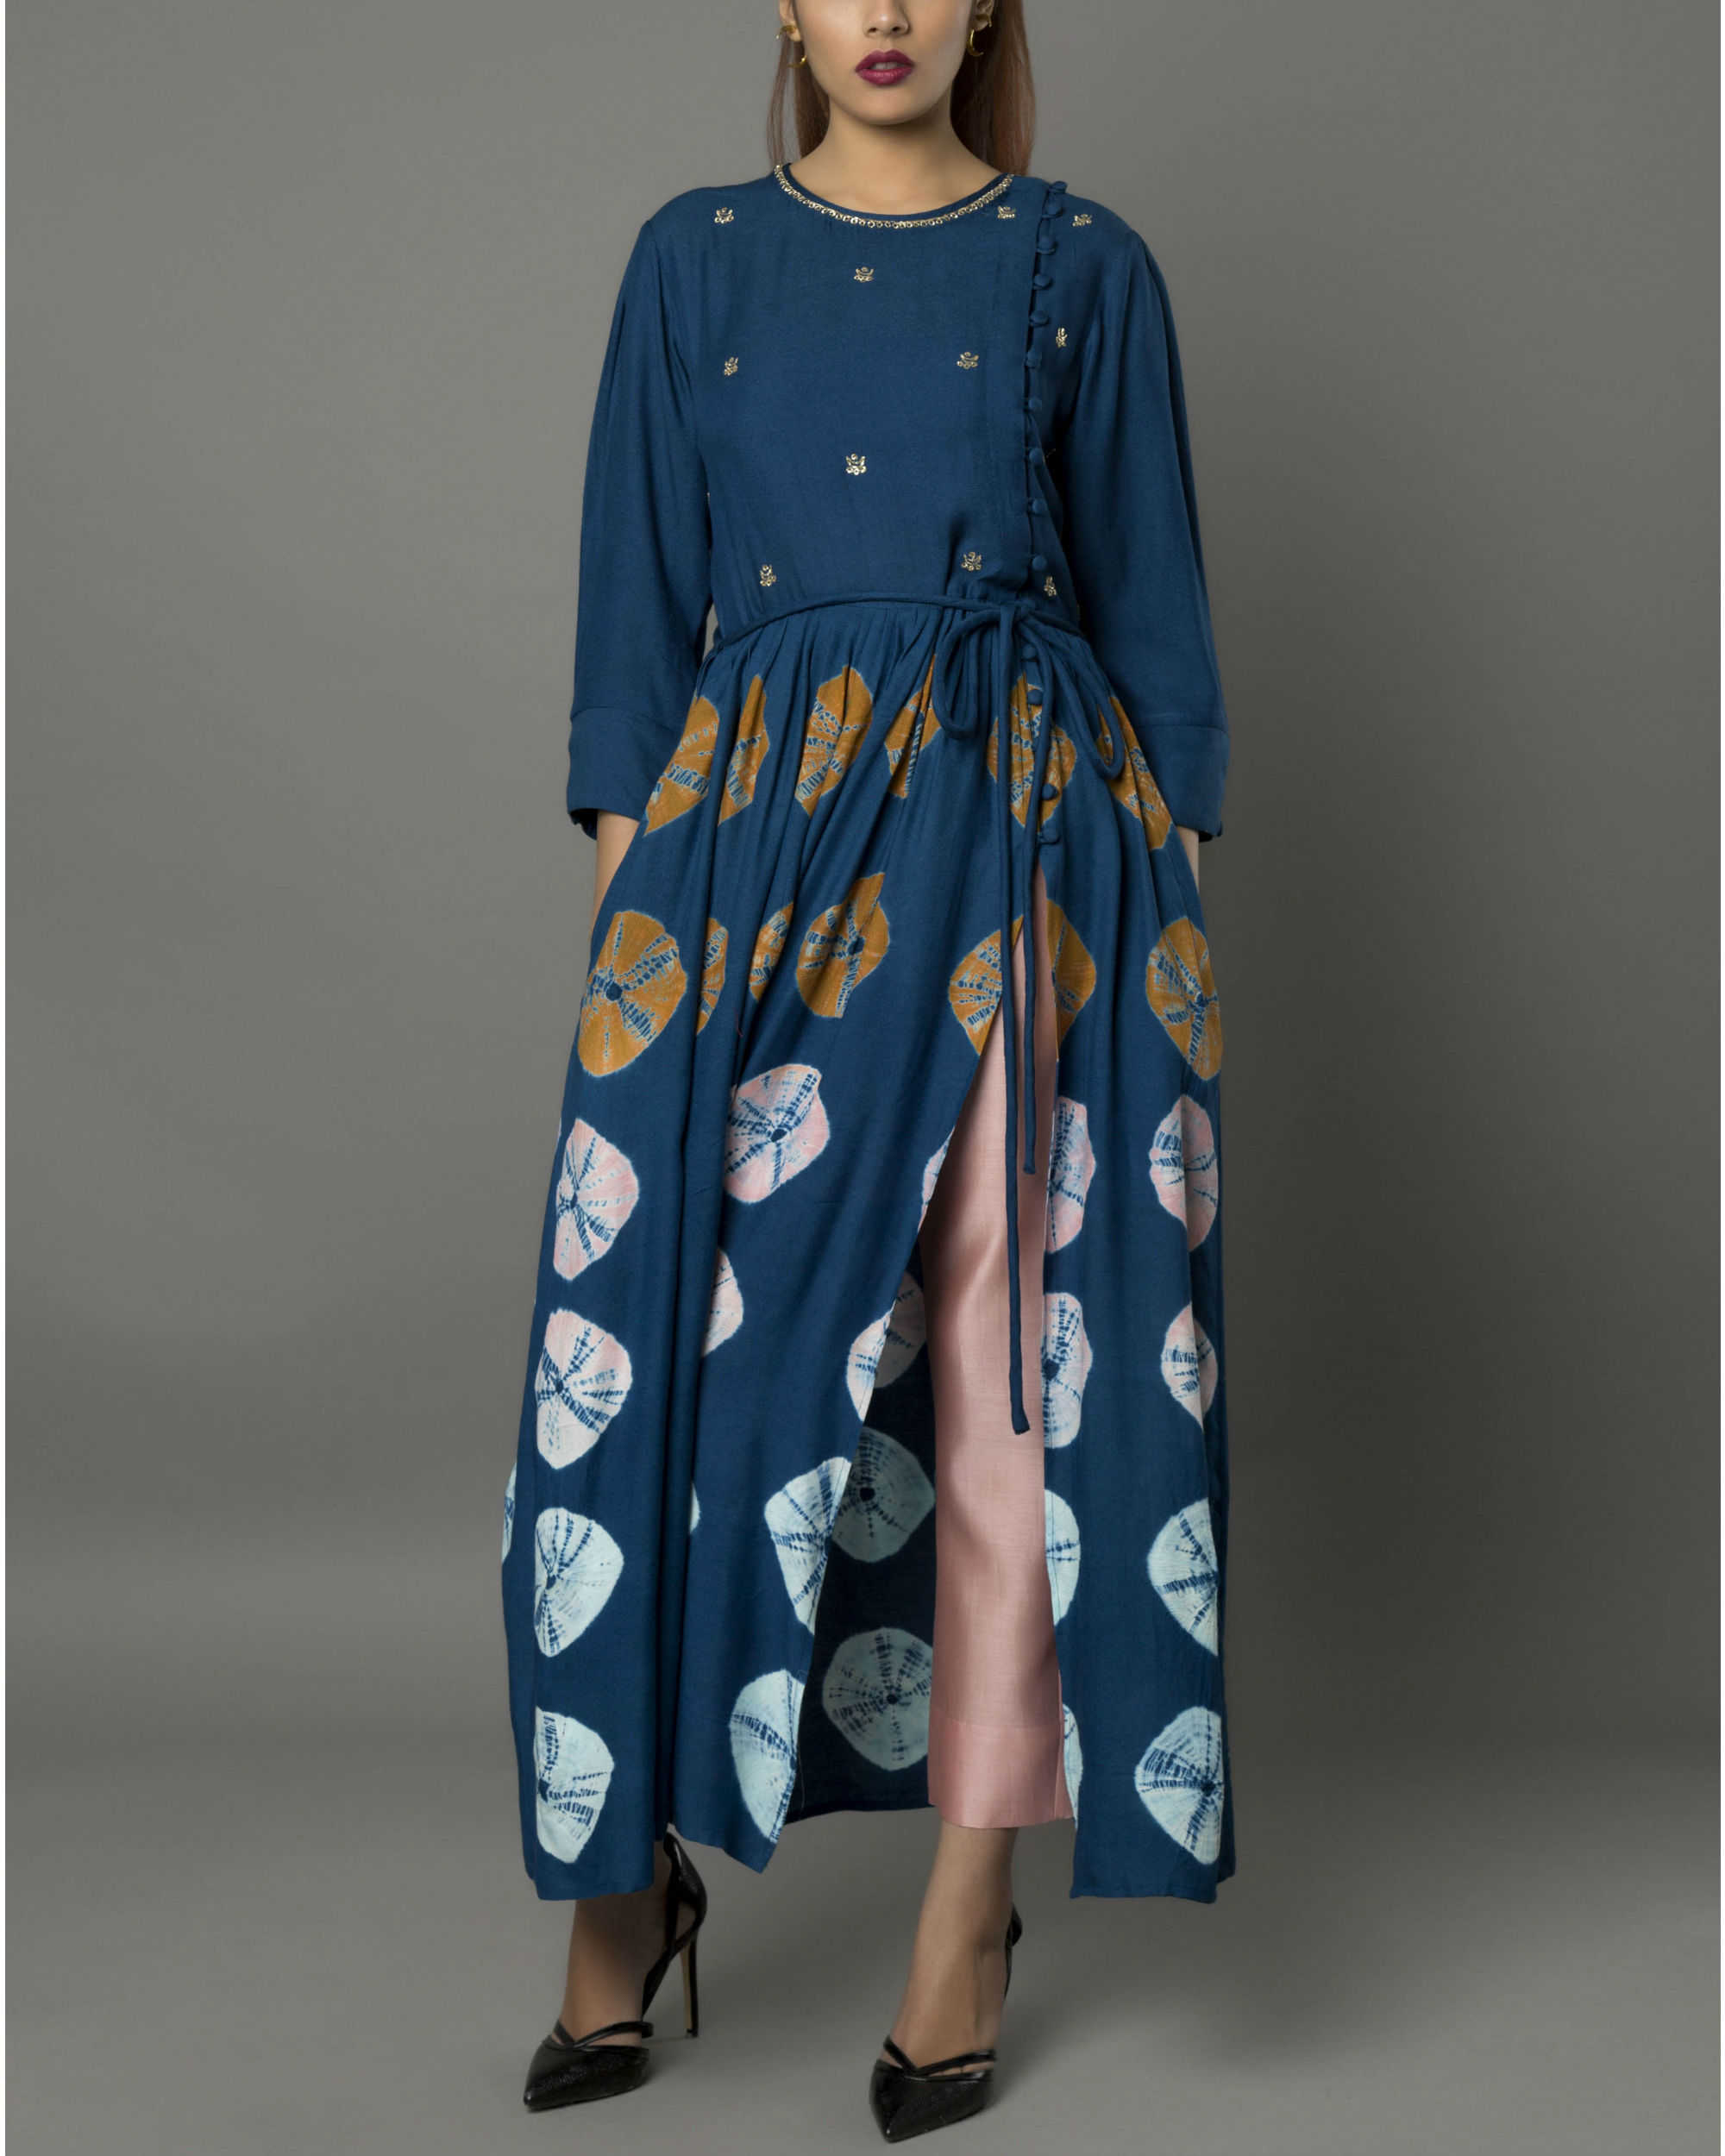 Kooki navy tunic